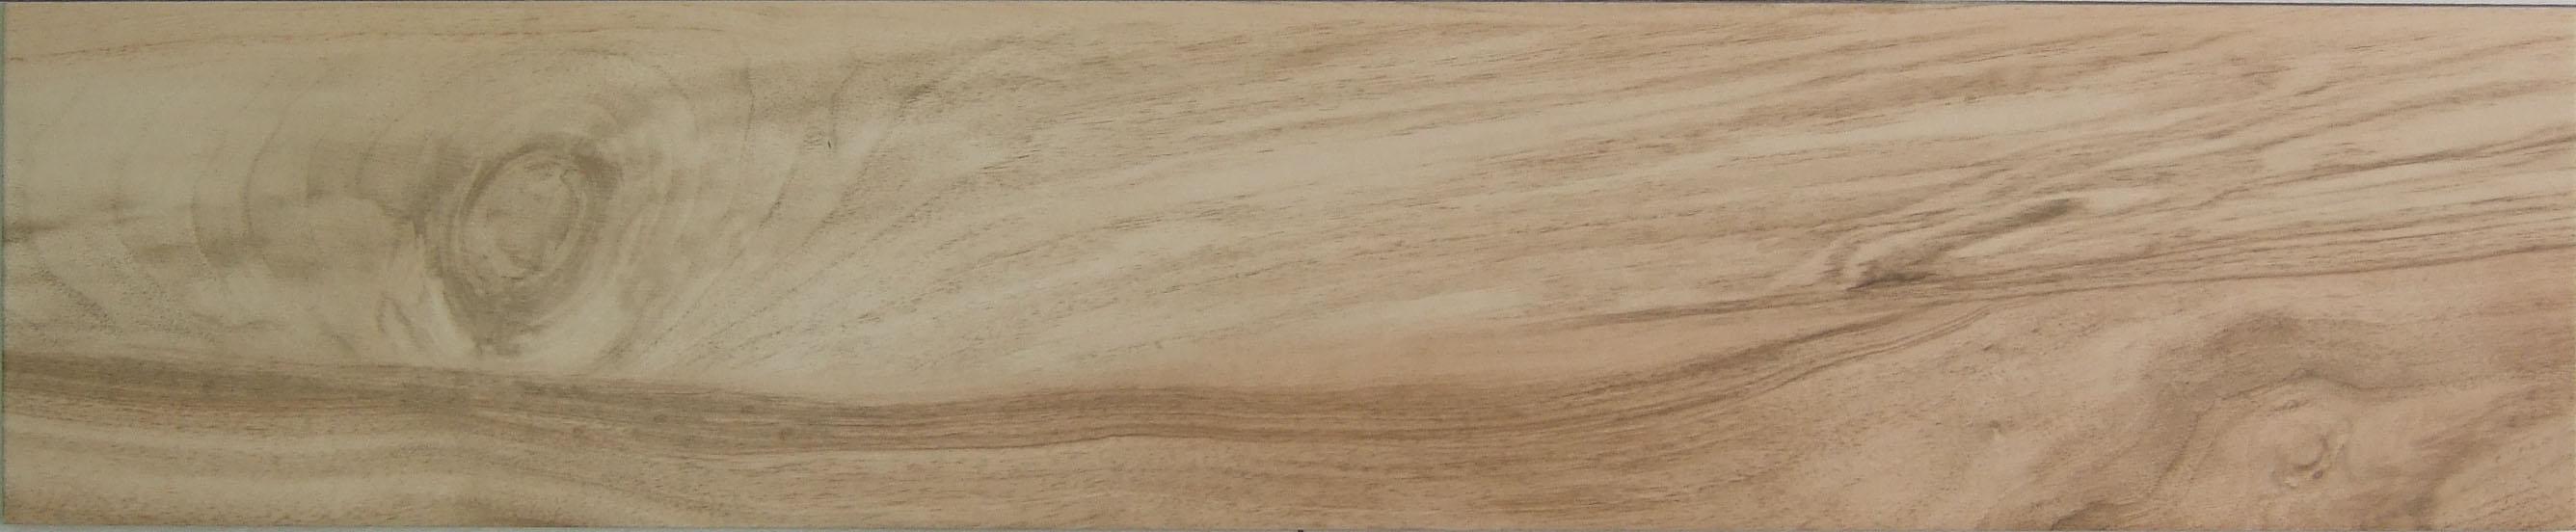 กระเบื้องลายไม้ 20x100 cm รุ่น VHD-08013